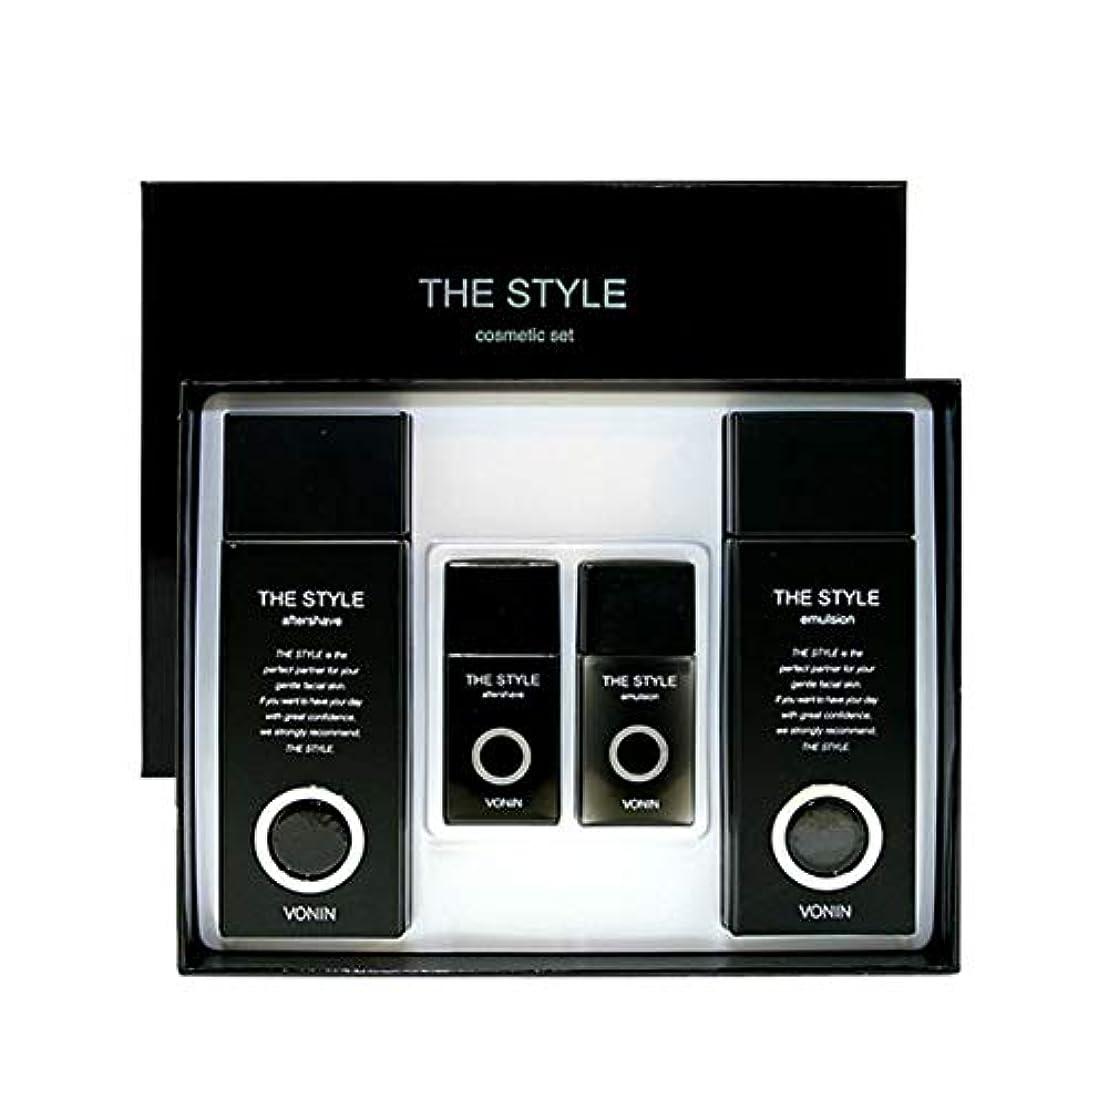 ボニンダースタイルアフターシェーブ170ml(135+35)エマルジョン170ml(135+35)セットメンズコスメ韓国コスメ、VONIN The Style Aftershave 170ml(135+35) Emulsion...